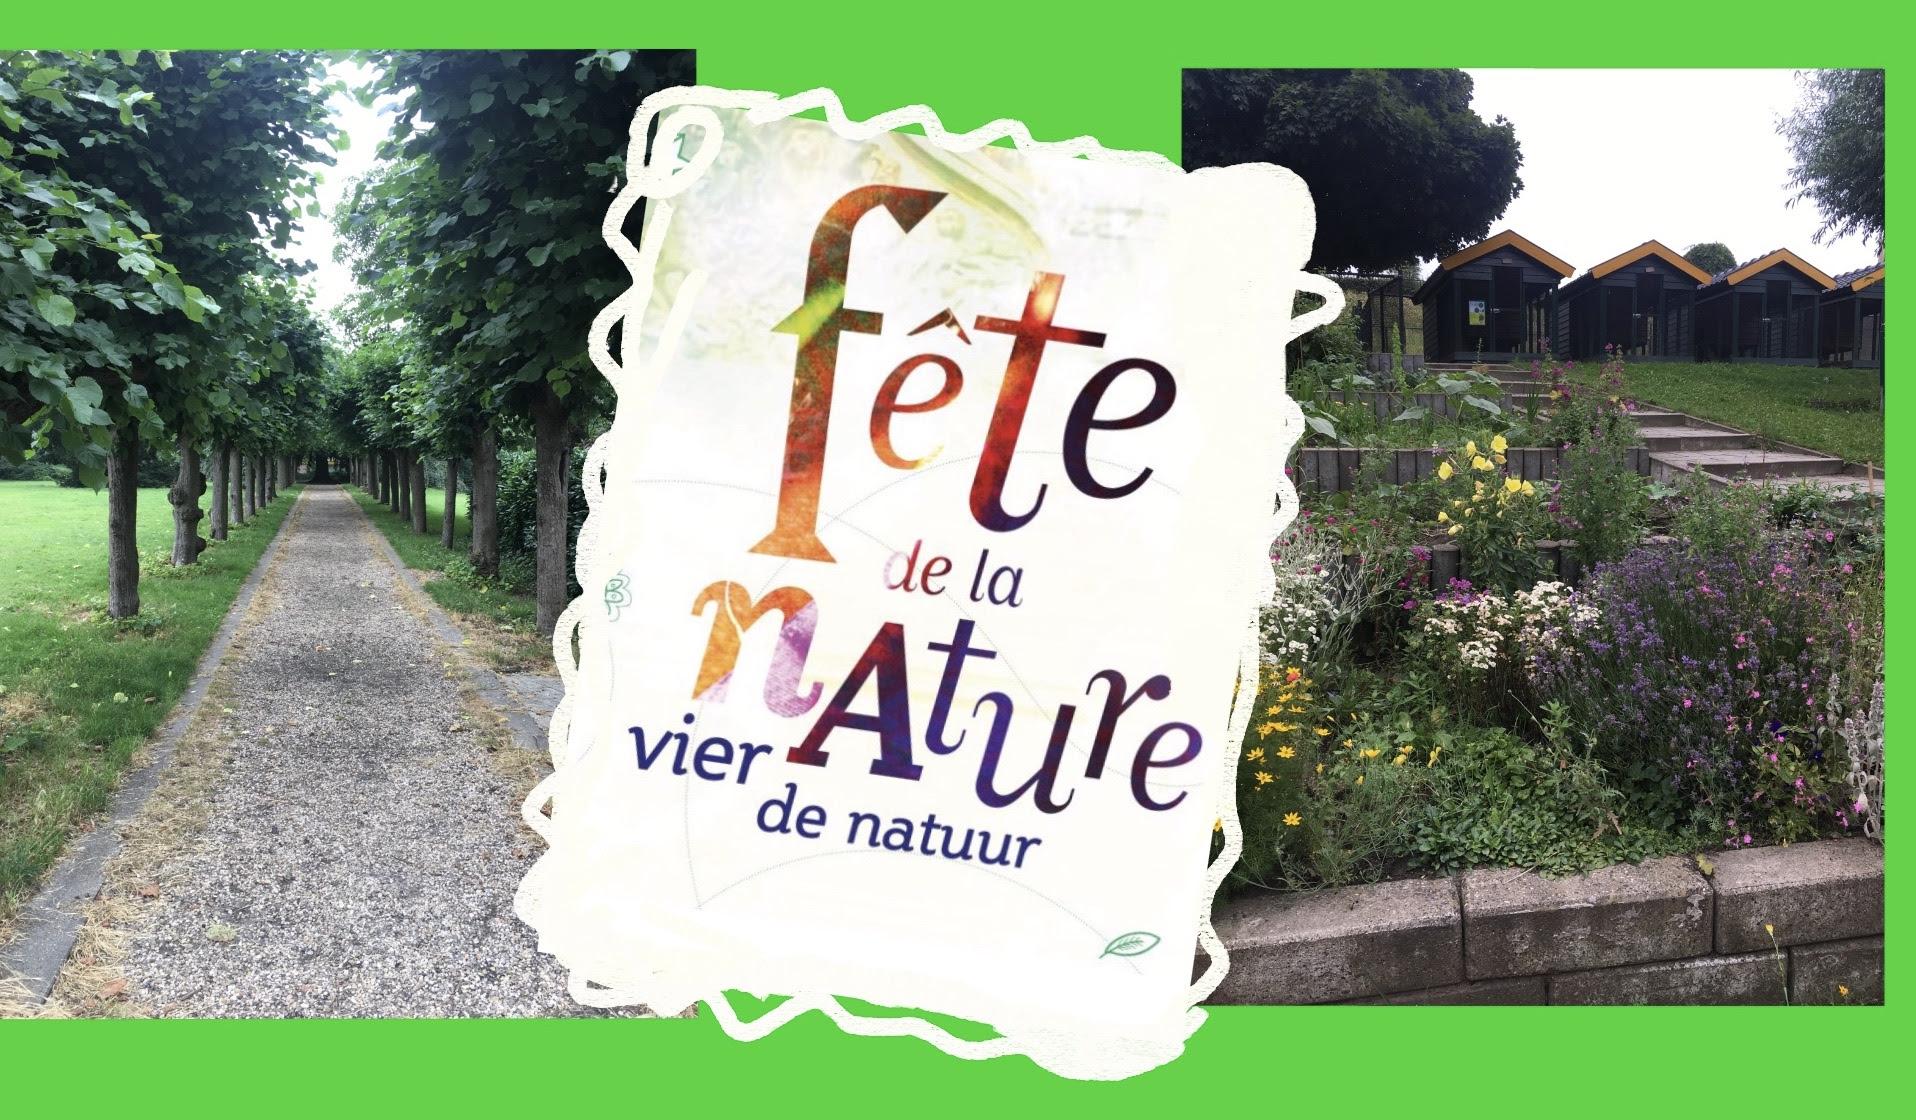 """De Wijkfabriek en de dierenweide Kobus vieren het """"Fête de la Nature"""""""